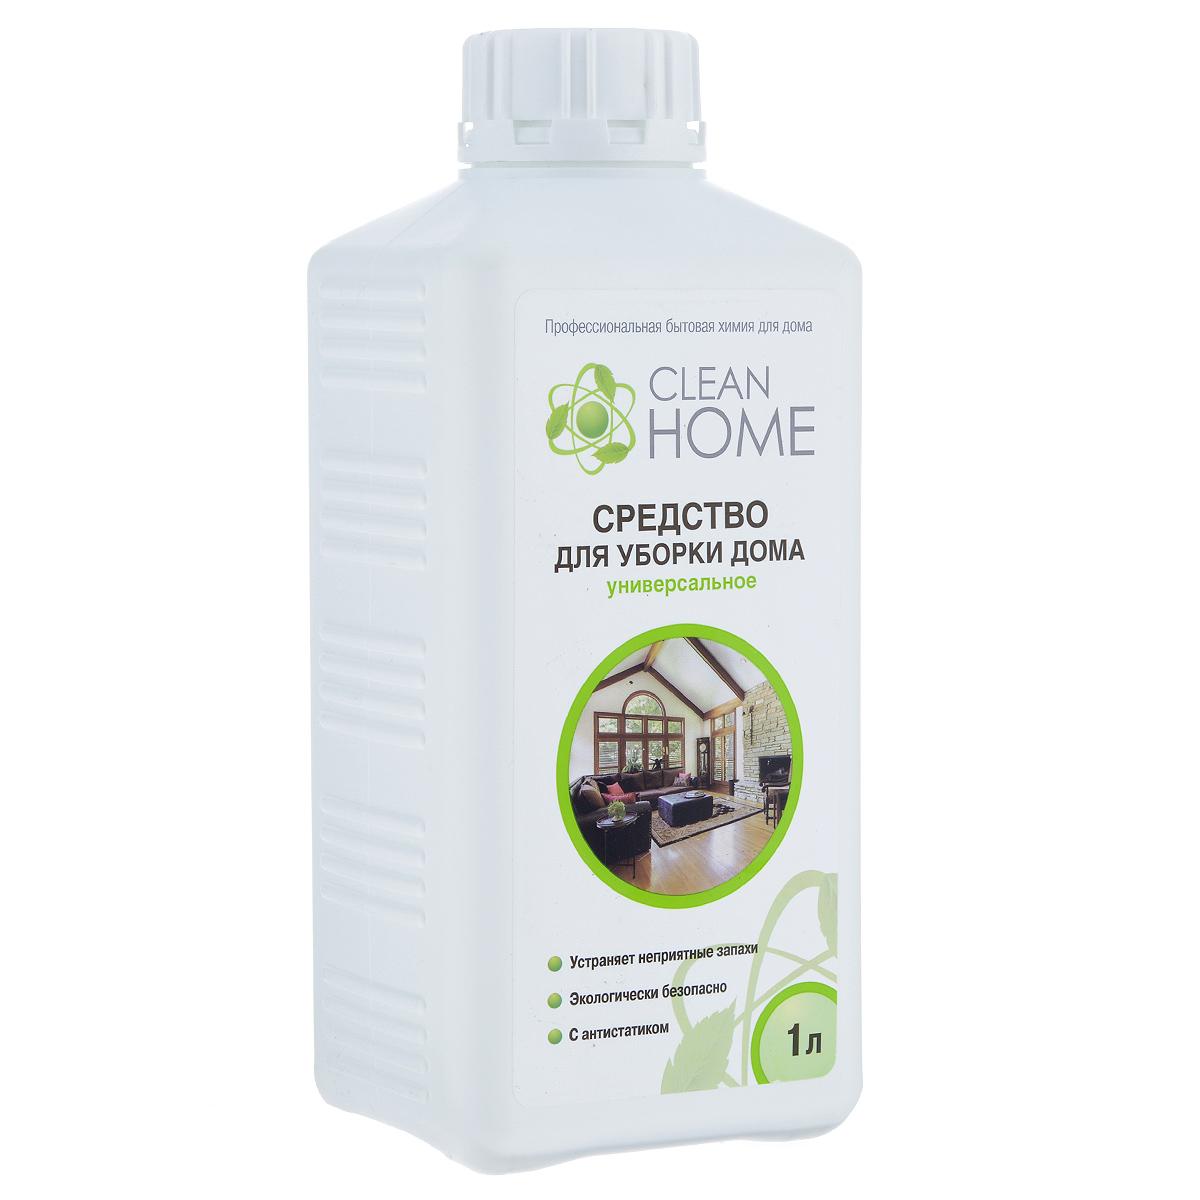 Средство Clean Home, для уборки дома, универсальное, 1 л68/5/3Универсальное средство Clean Home поможет справится с любыми загрязнениями на кухне и в доме. Идеально очистит любые поверхности, которые можно мыть: бытовую технику, мебель, окна и полы. Формула с безопасными компонентами, не повреждающими поверхность, позволяет без труда справится с ежедневными загрязнениями, придавая вашему дому аромат альпийских трав. С эффектом антистатика.Устраняет неприятные запахи, не оставляет разводов. Линия профессиональной бытовой химии для дома Clean Home представлена гаммой средств для стирки и уборки дома. Clean Home - это весь необходимый ряд высокоэффективных универсальных средств европейского качества.Состав: вода, менее 5% АПАВ, менее 5% НПАВ, менее 5% пероксид водорода, комплексообразователь, антистатик, функциональные добавки, отдушка.